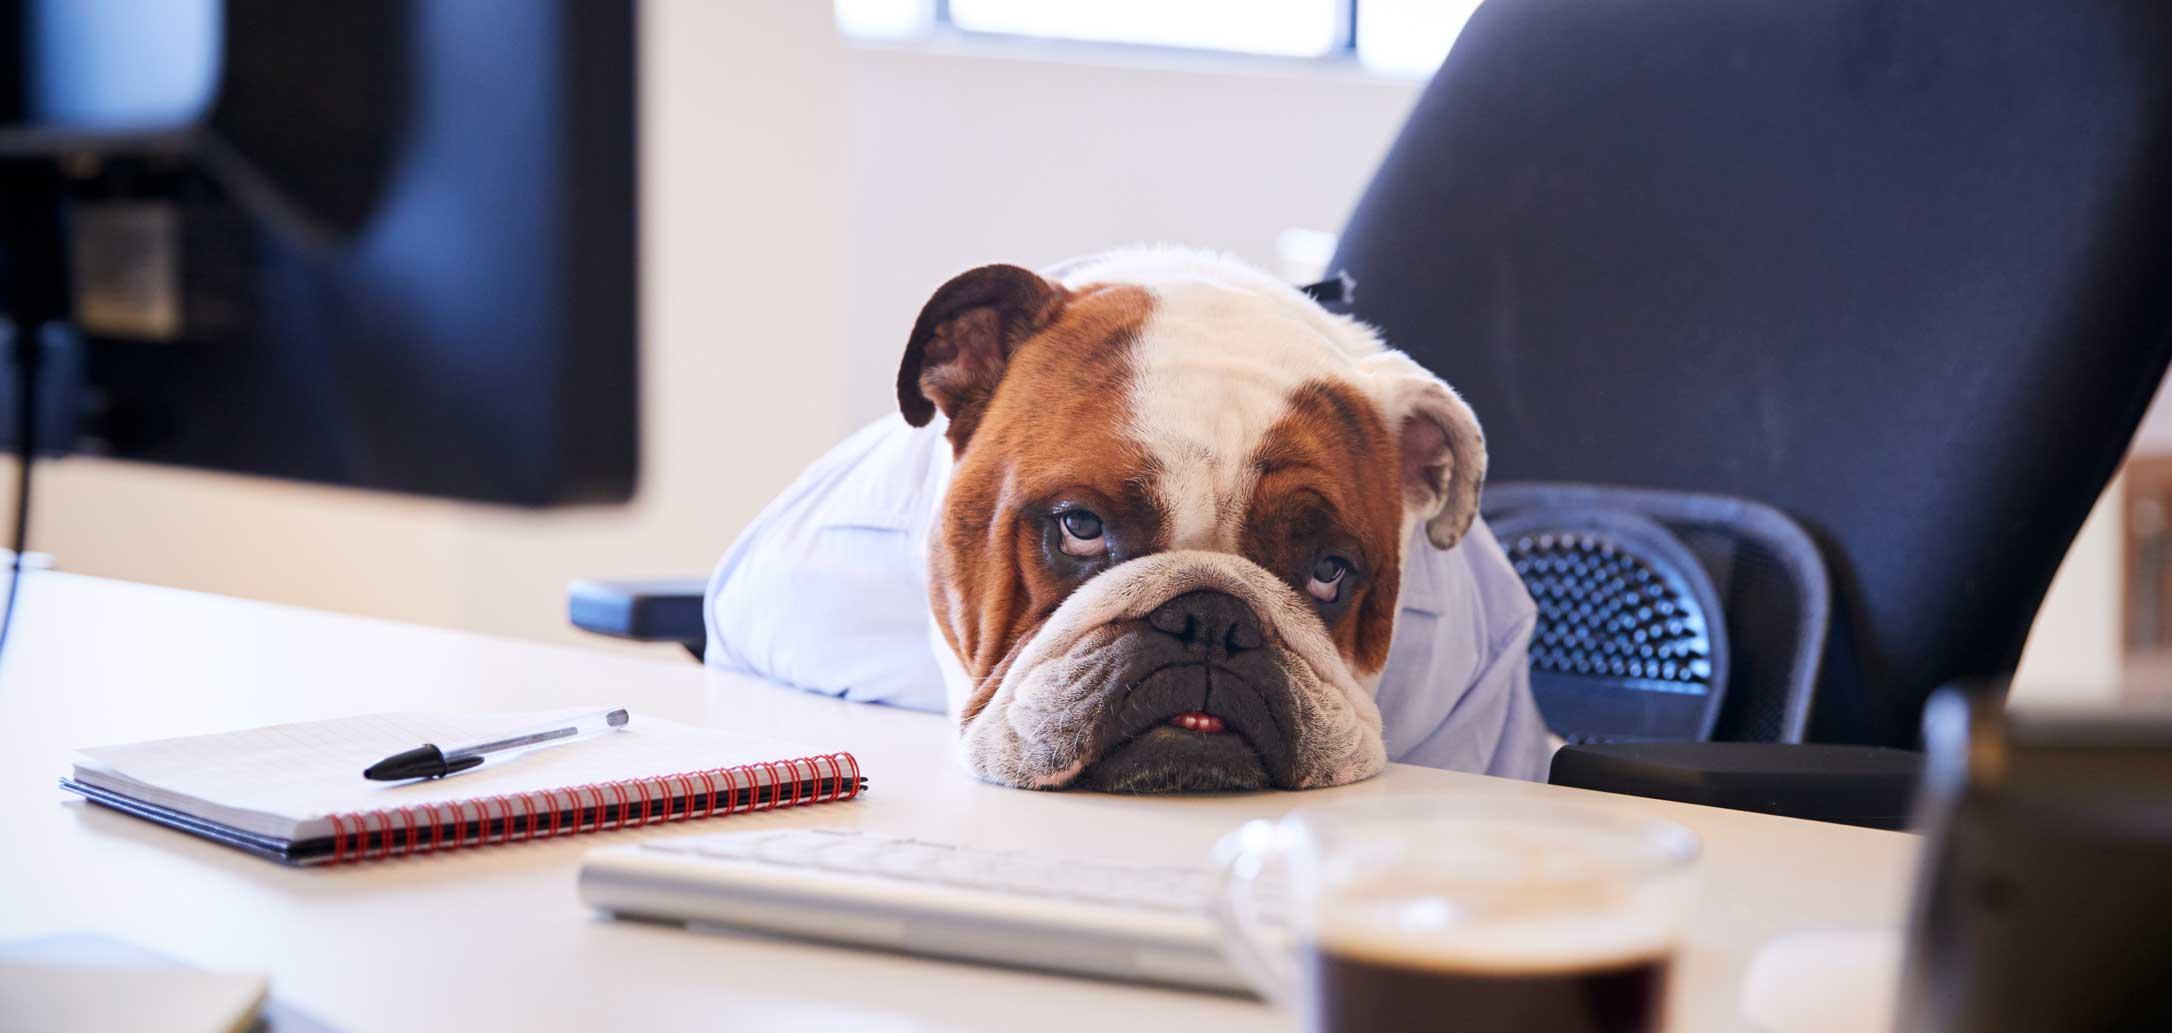 Drôle de Chien dans un bureau assis sur une chaise avec la tête qui repose sur le bureau avec un air découragé. Clinique vétérinaire Lachine